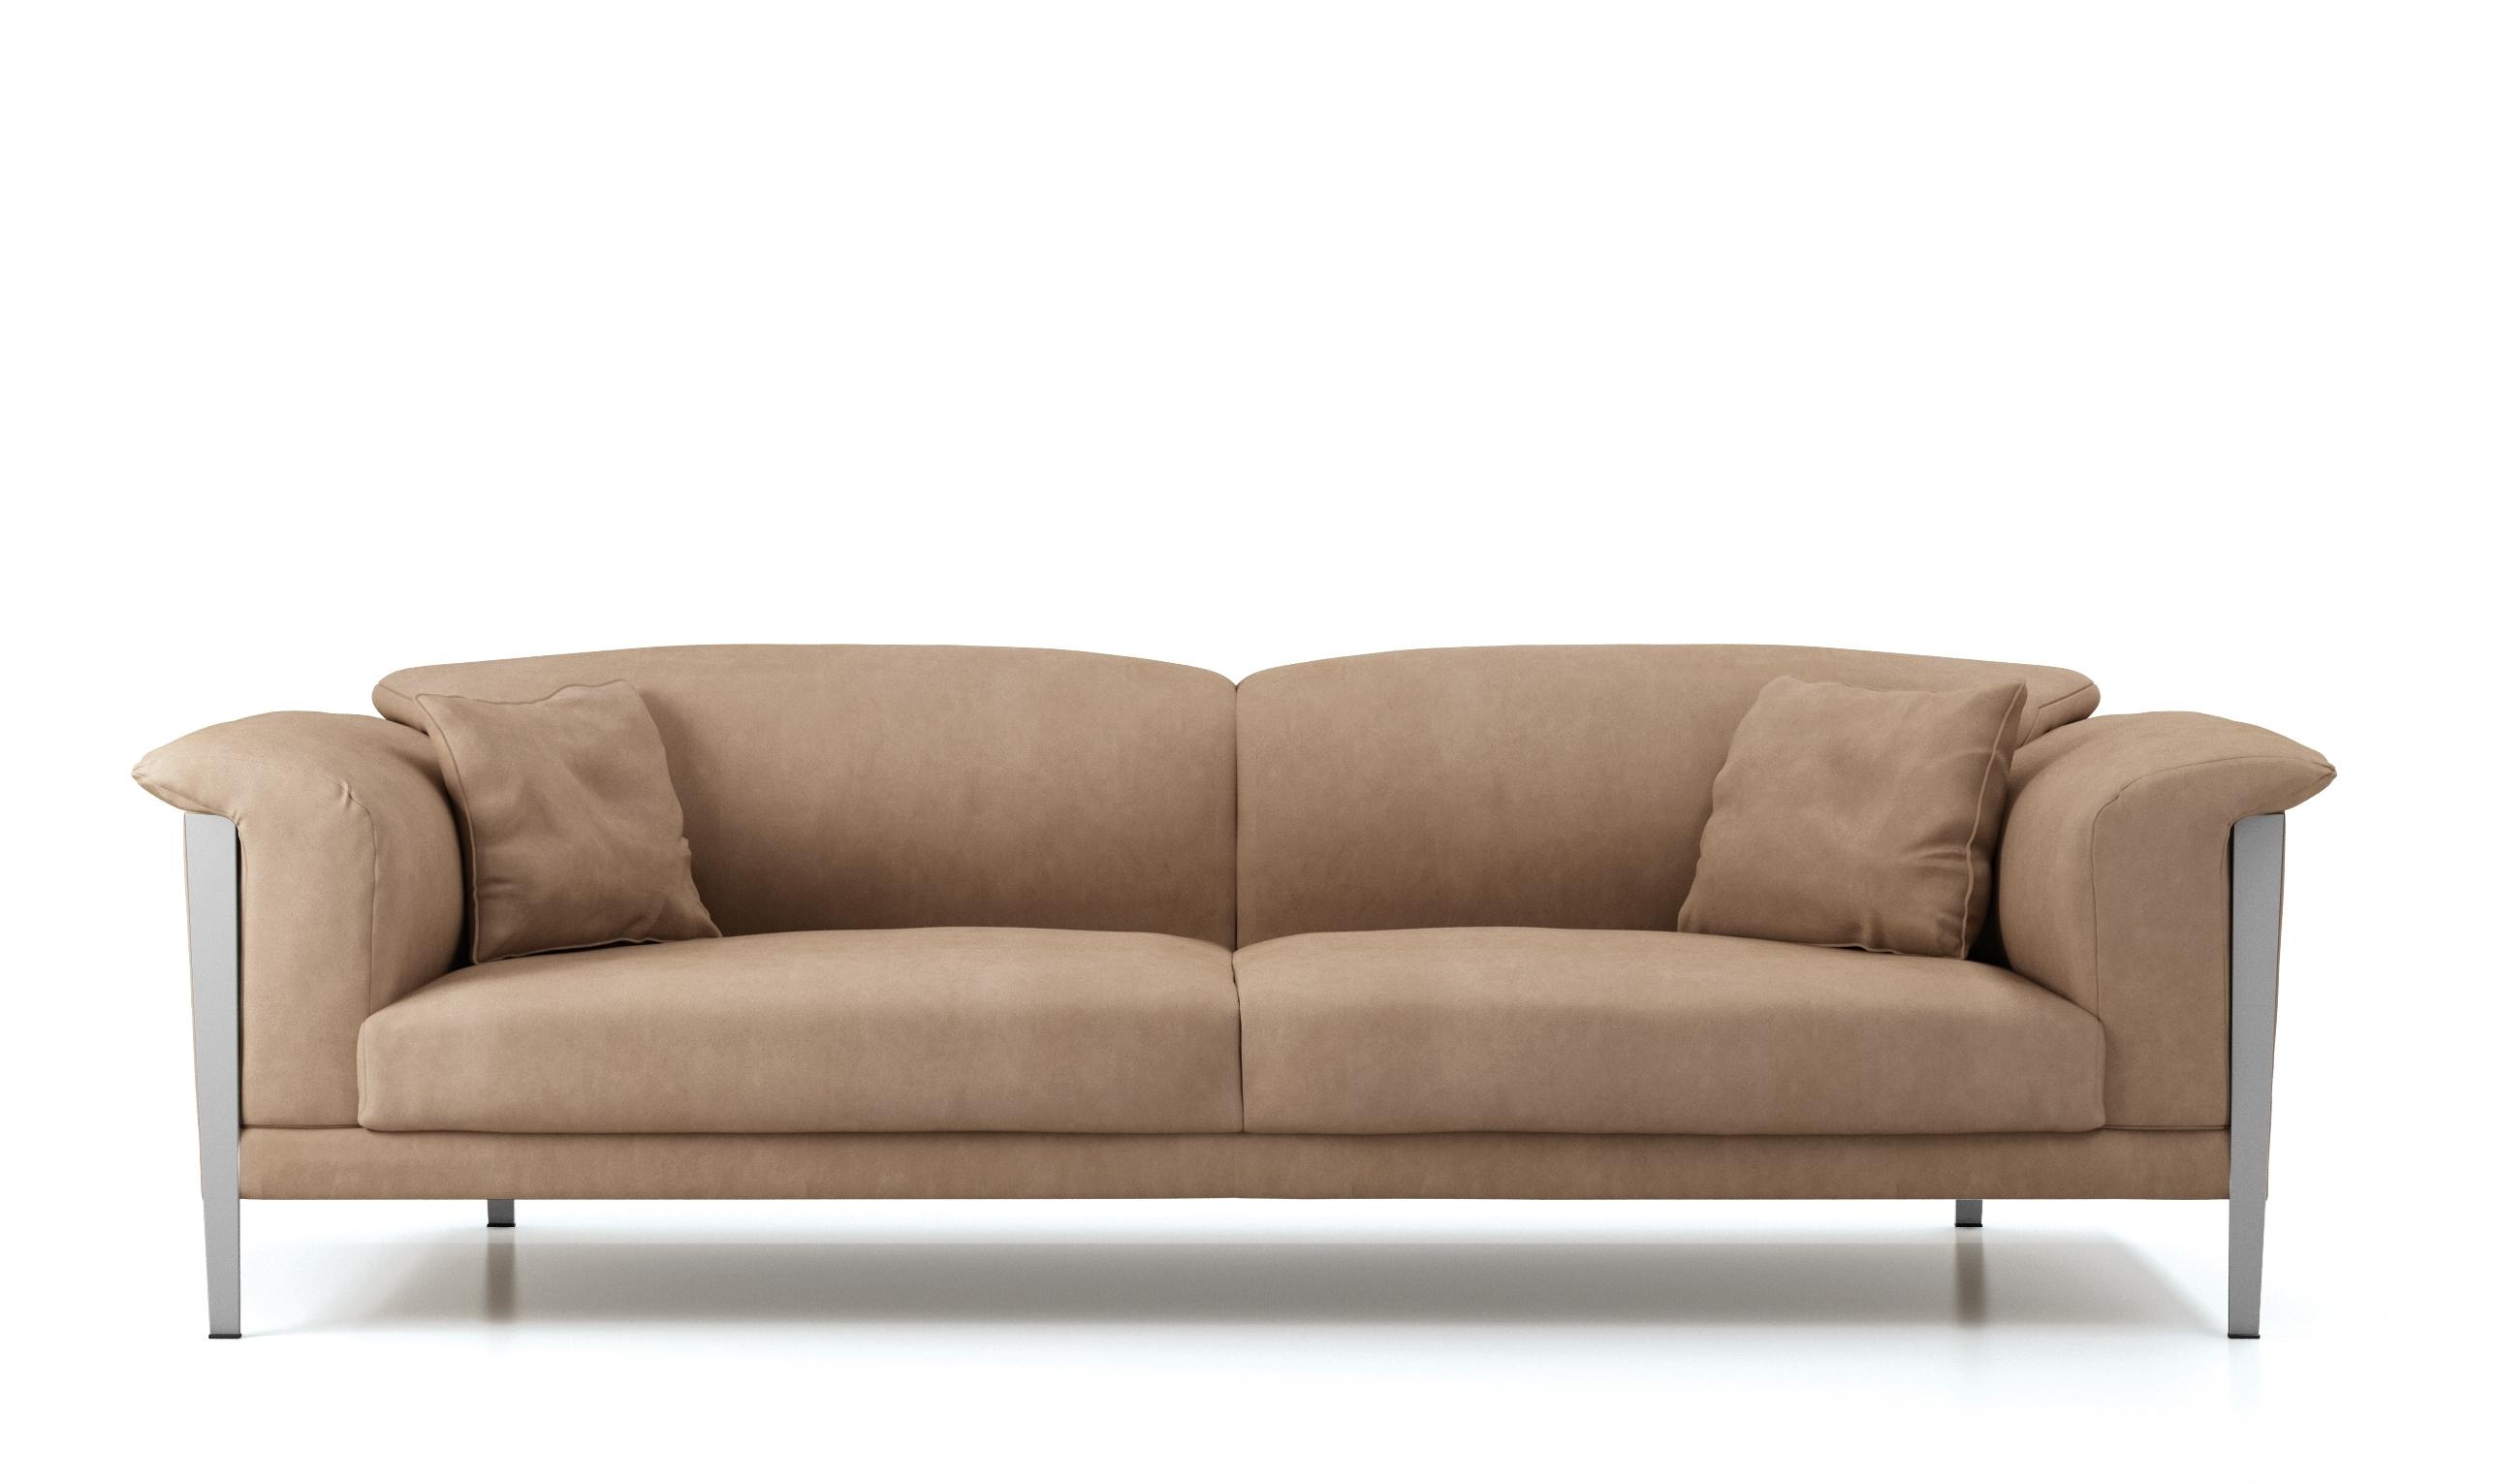 Soft Sofas Regarding Newest Cream Color Extra Soft Padded Leather Sofa Set Sacramento (View 15 of 20)